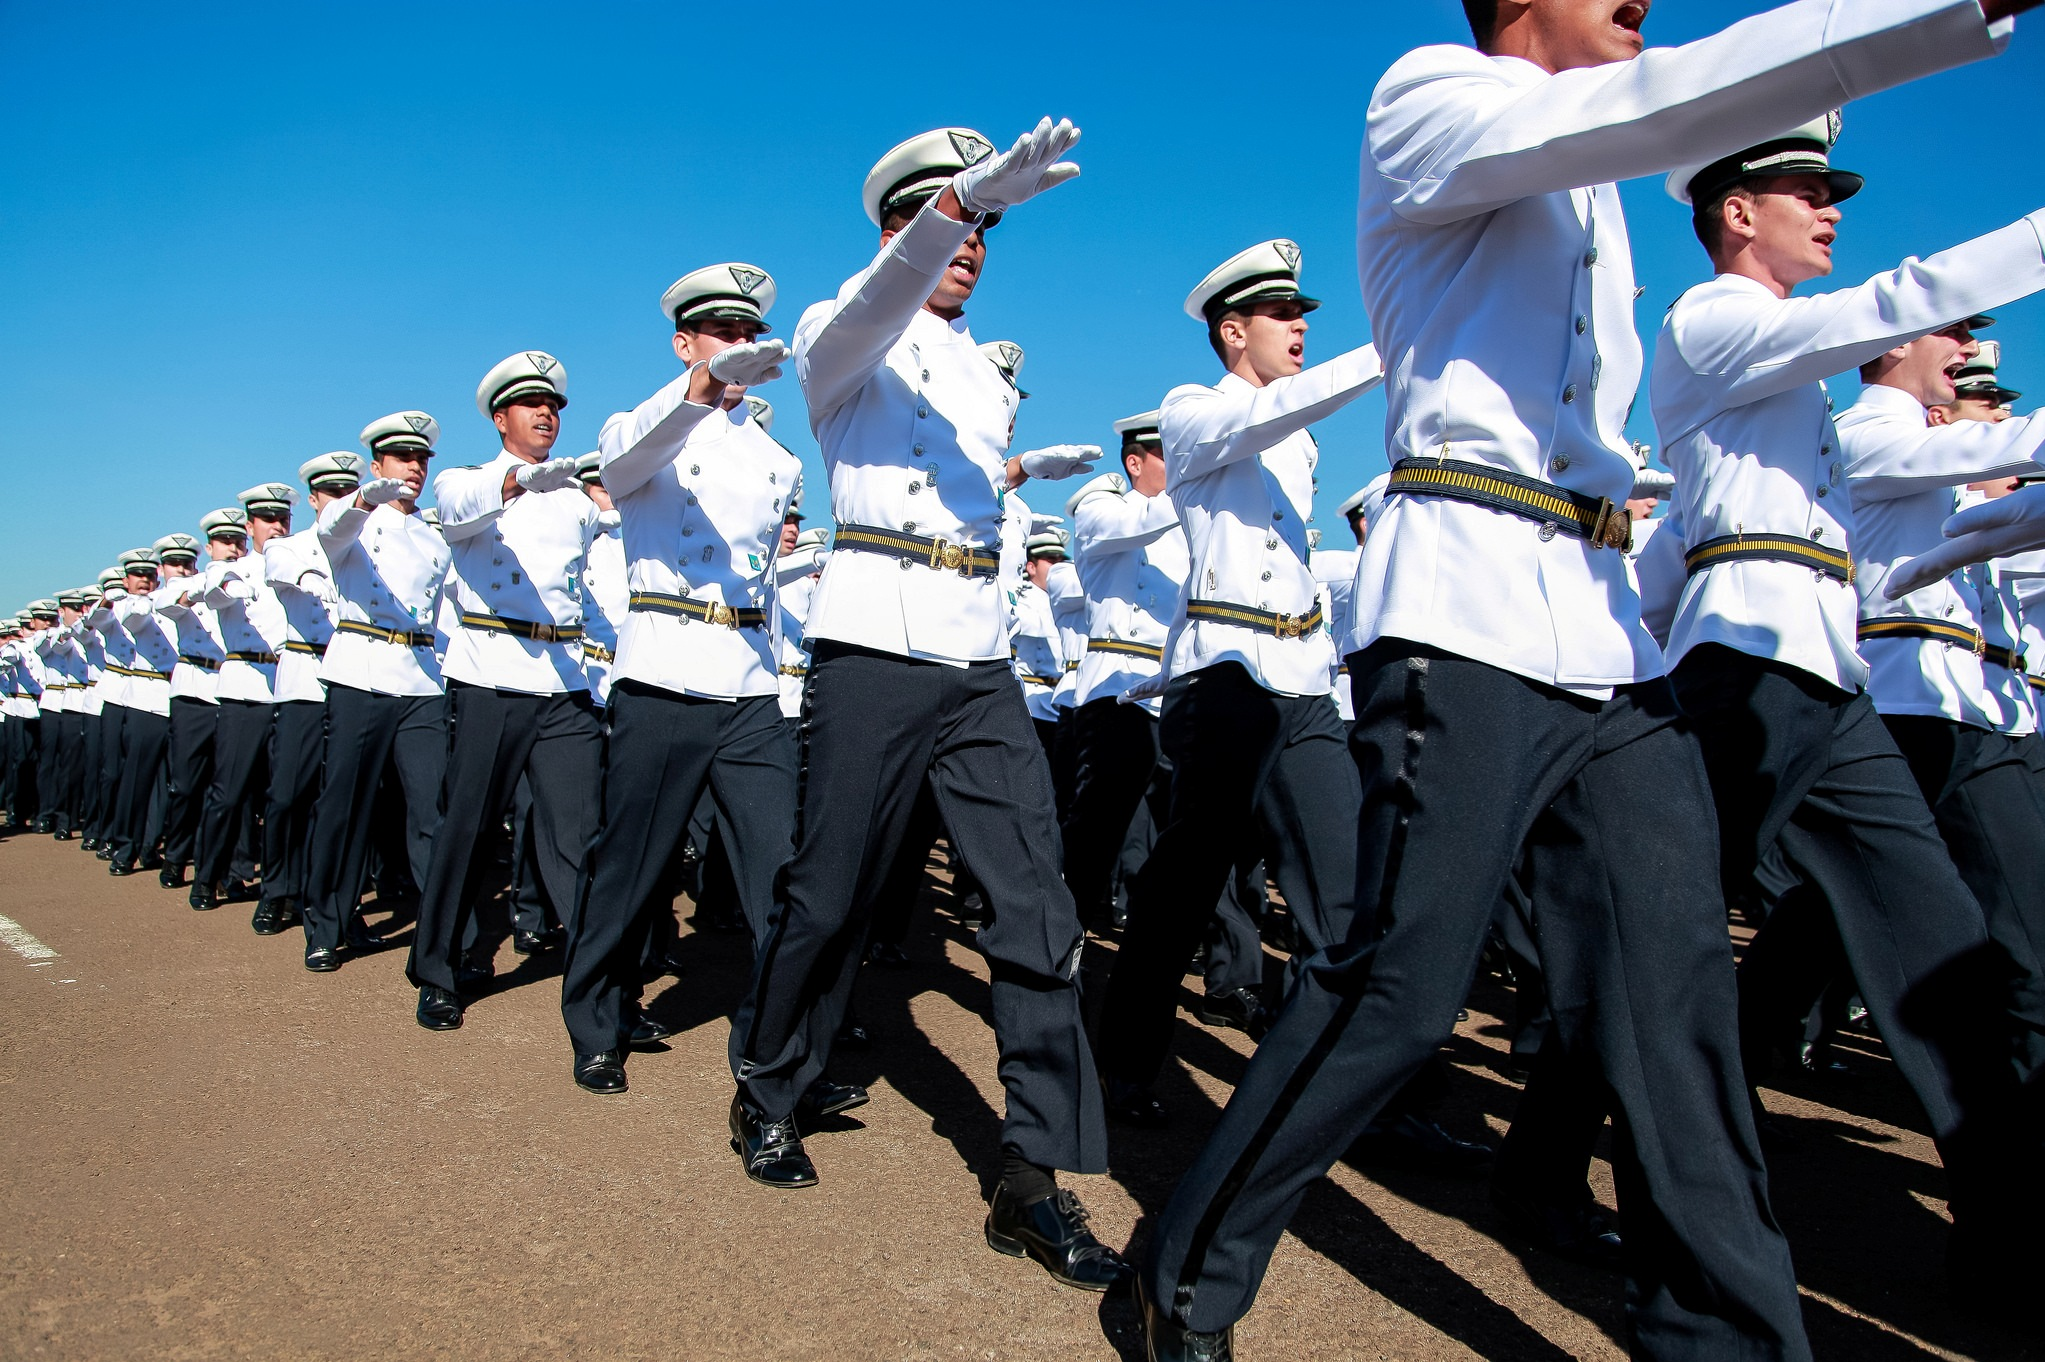 6c243de87c Academia da Força Aérea (AFA) oferece 86 vagas para oficiais - Força ...